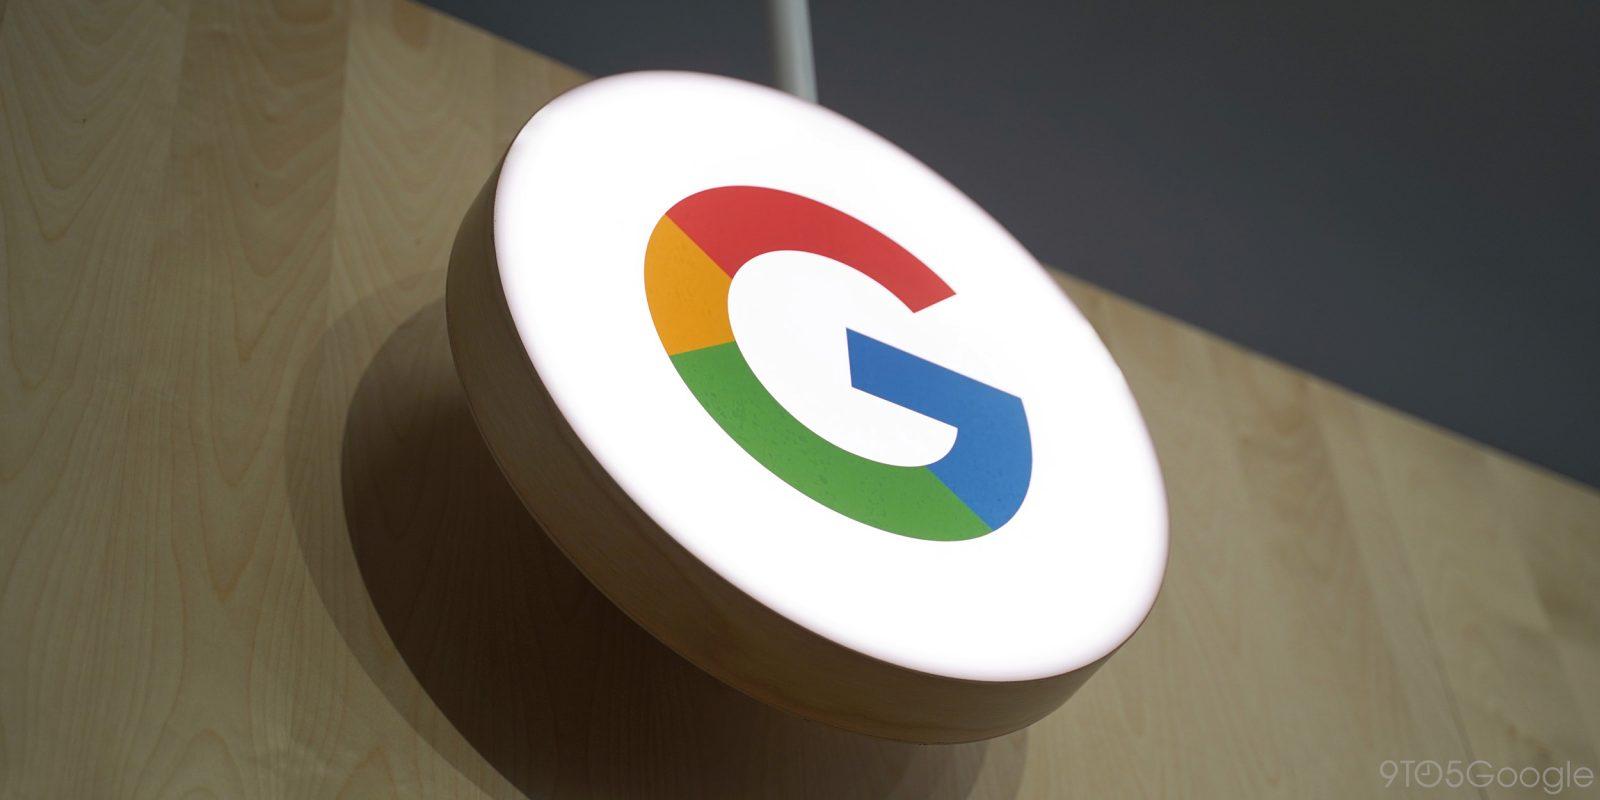 Öğrenci Kariyeri - : Google'dan Türkiye'ye Yönelik Yeni Düzenleme: Yasal İşletim Maliyeti